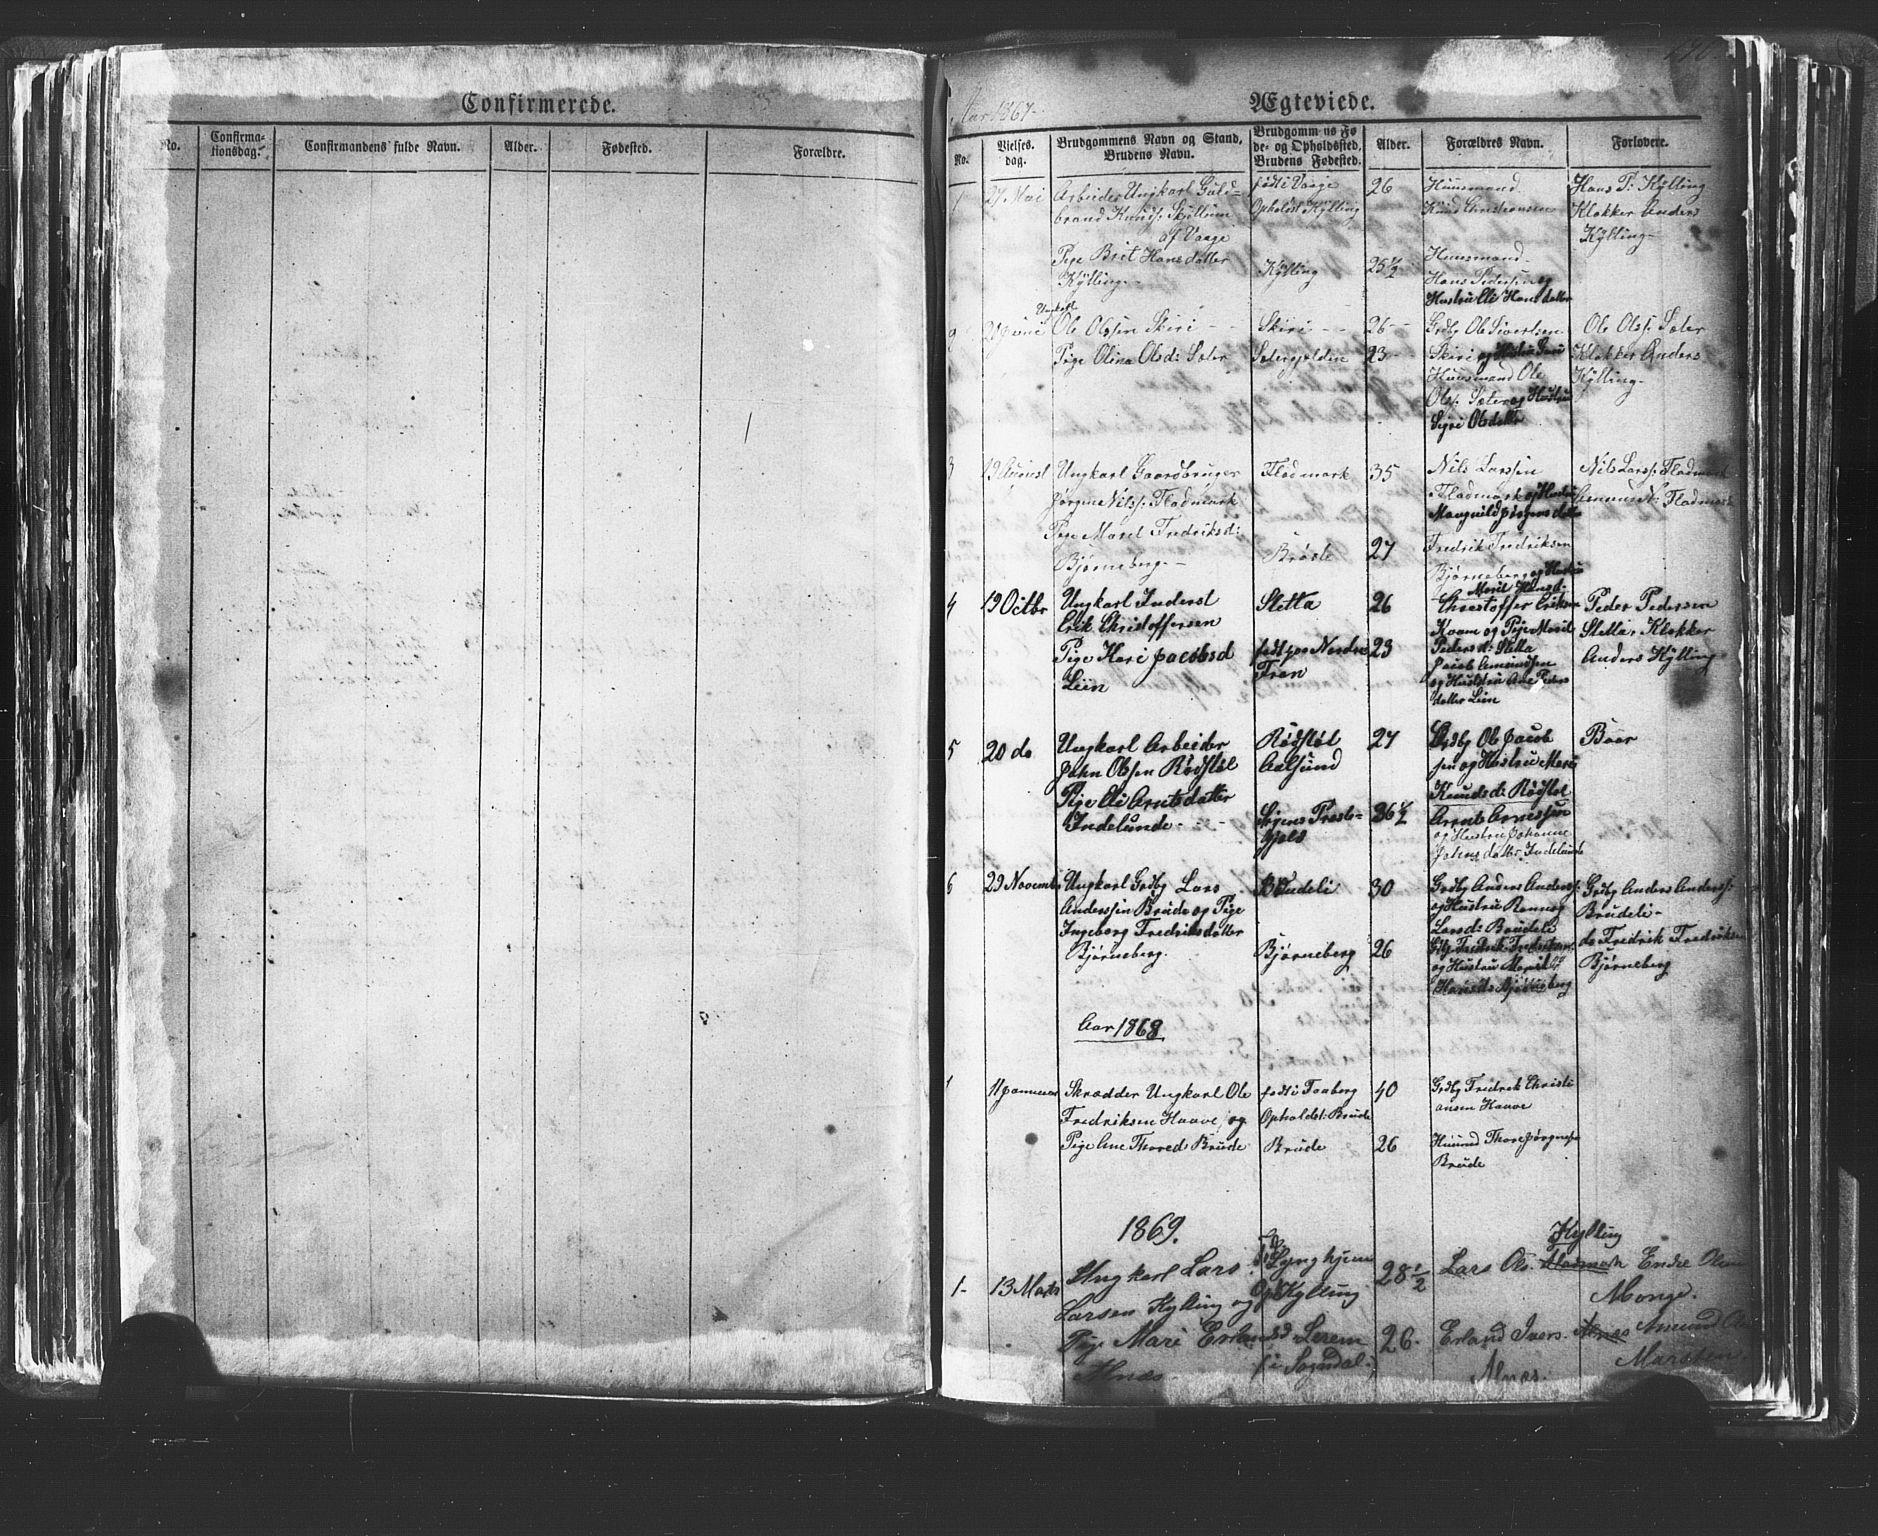 SAT, Ministerialprotokoller, klokkerbøker og fødselsregistre - Møre og Romsdal, 546/L0596: Klokkerbok nr. 546C02, 1867-1921, s. 190